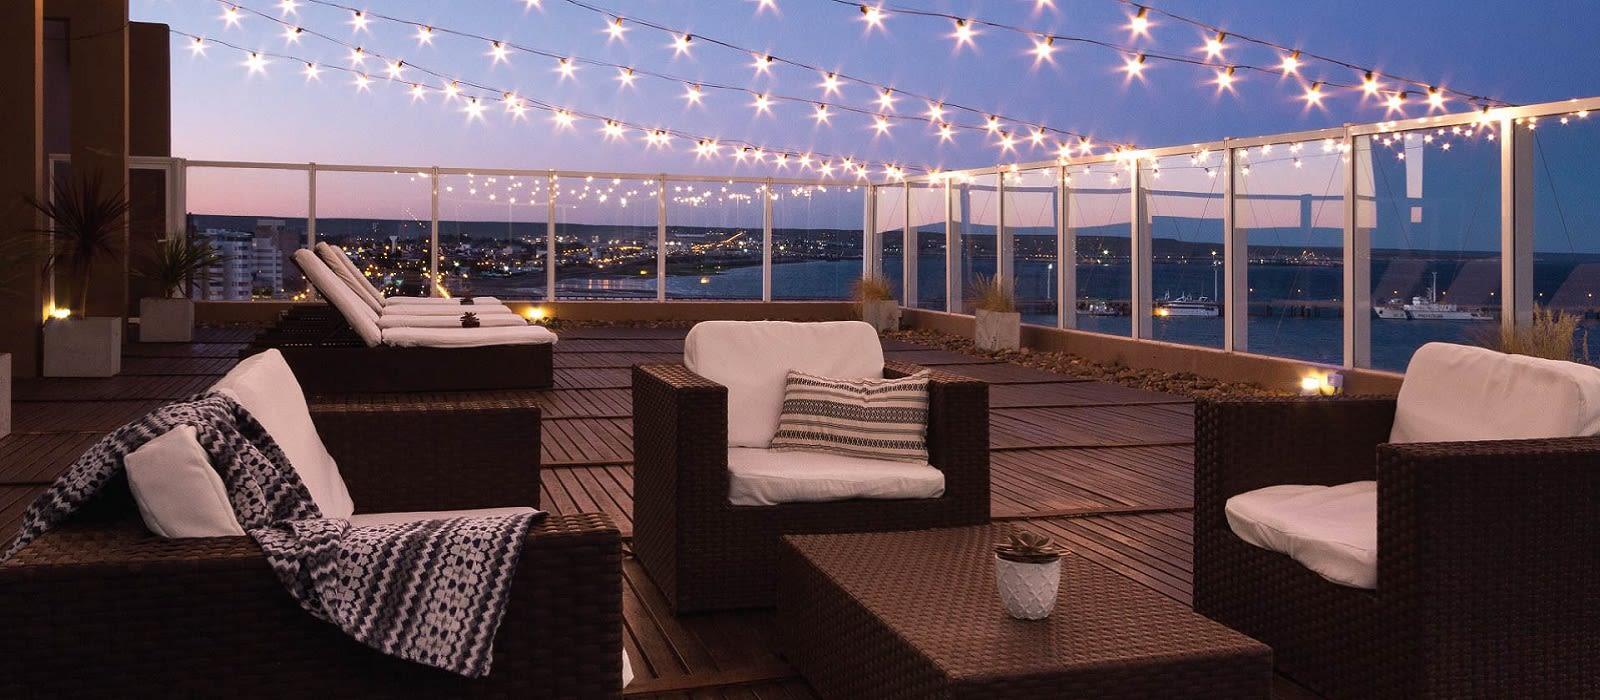 Hotel Dazzler Puerto Madryn Argentinien